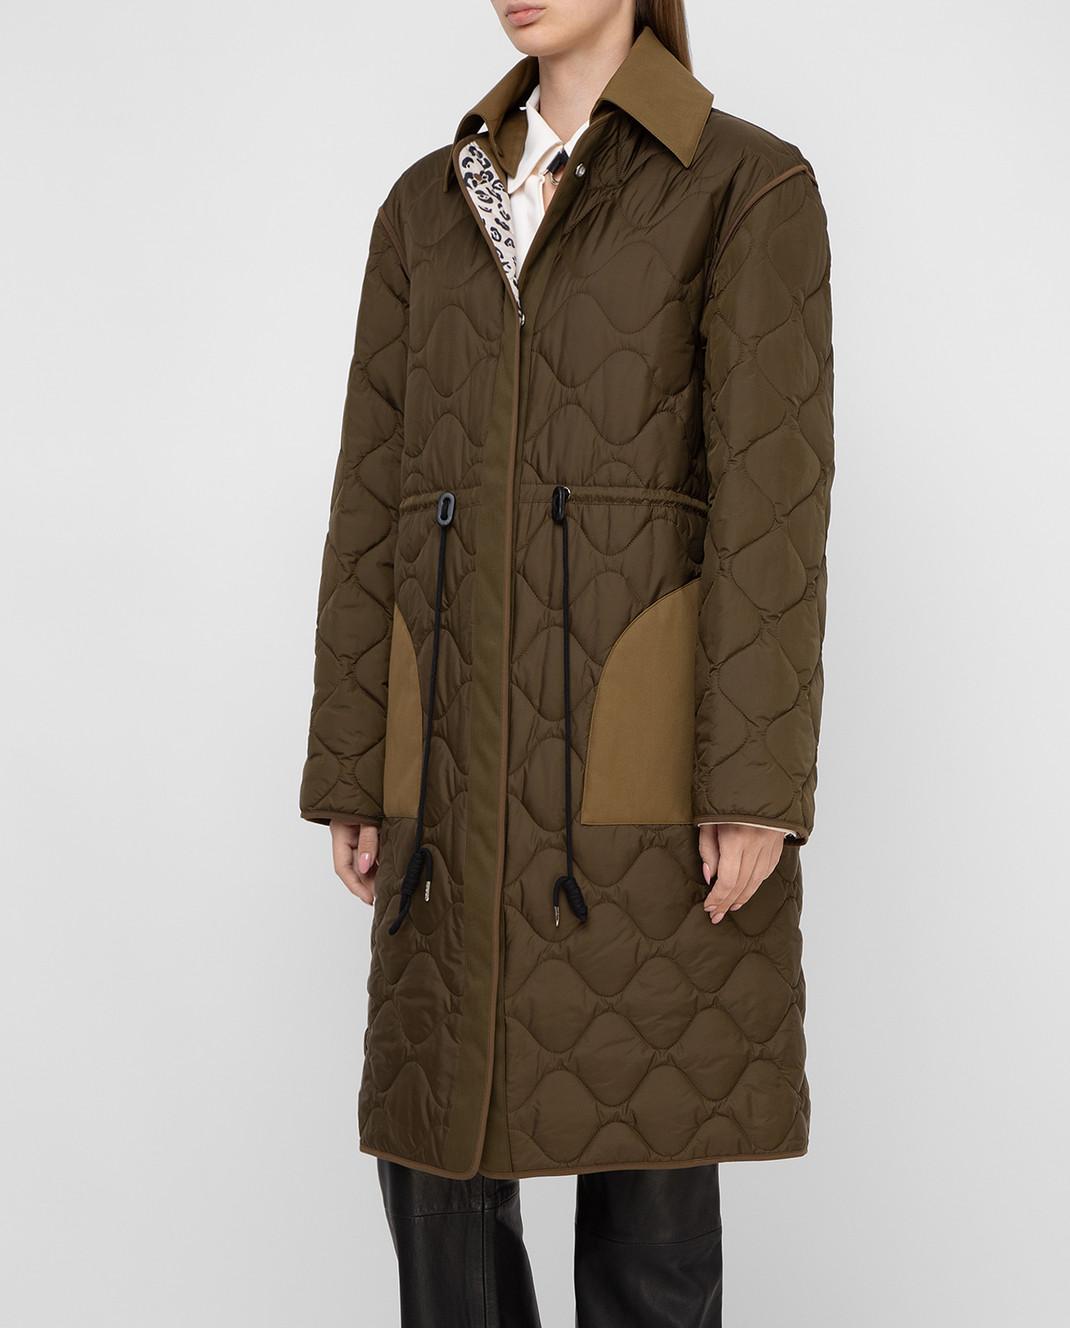 Altuzarra Двухсторонняя куртка 318104805 изображение 3